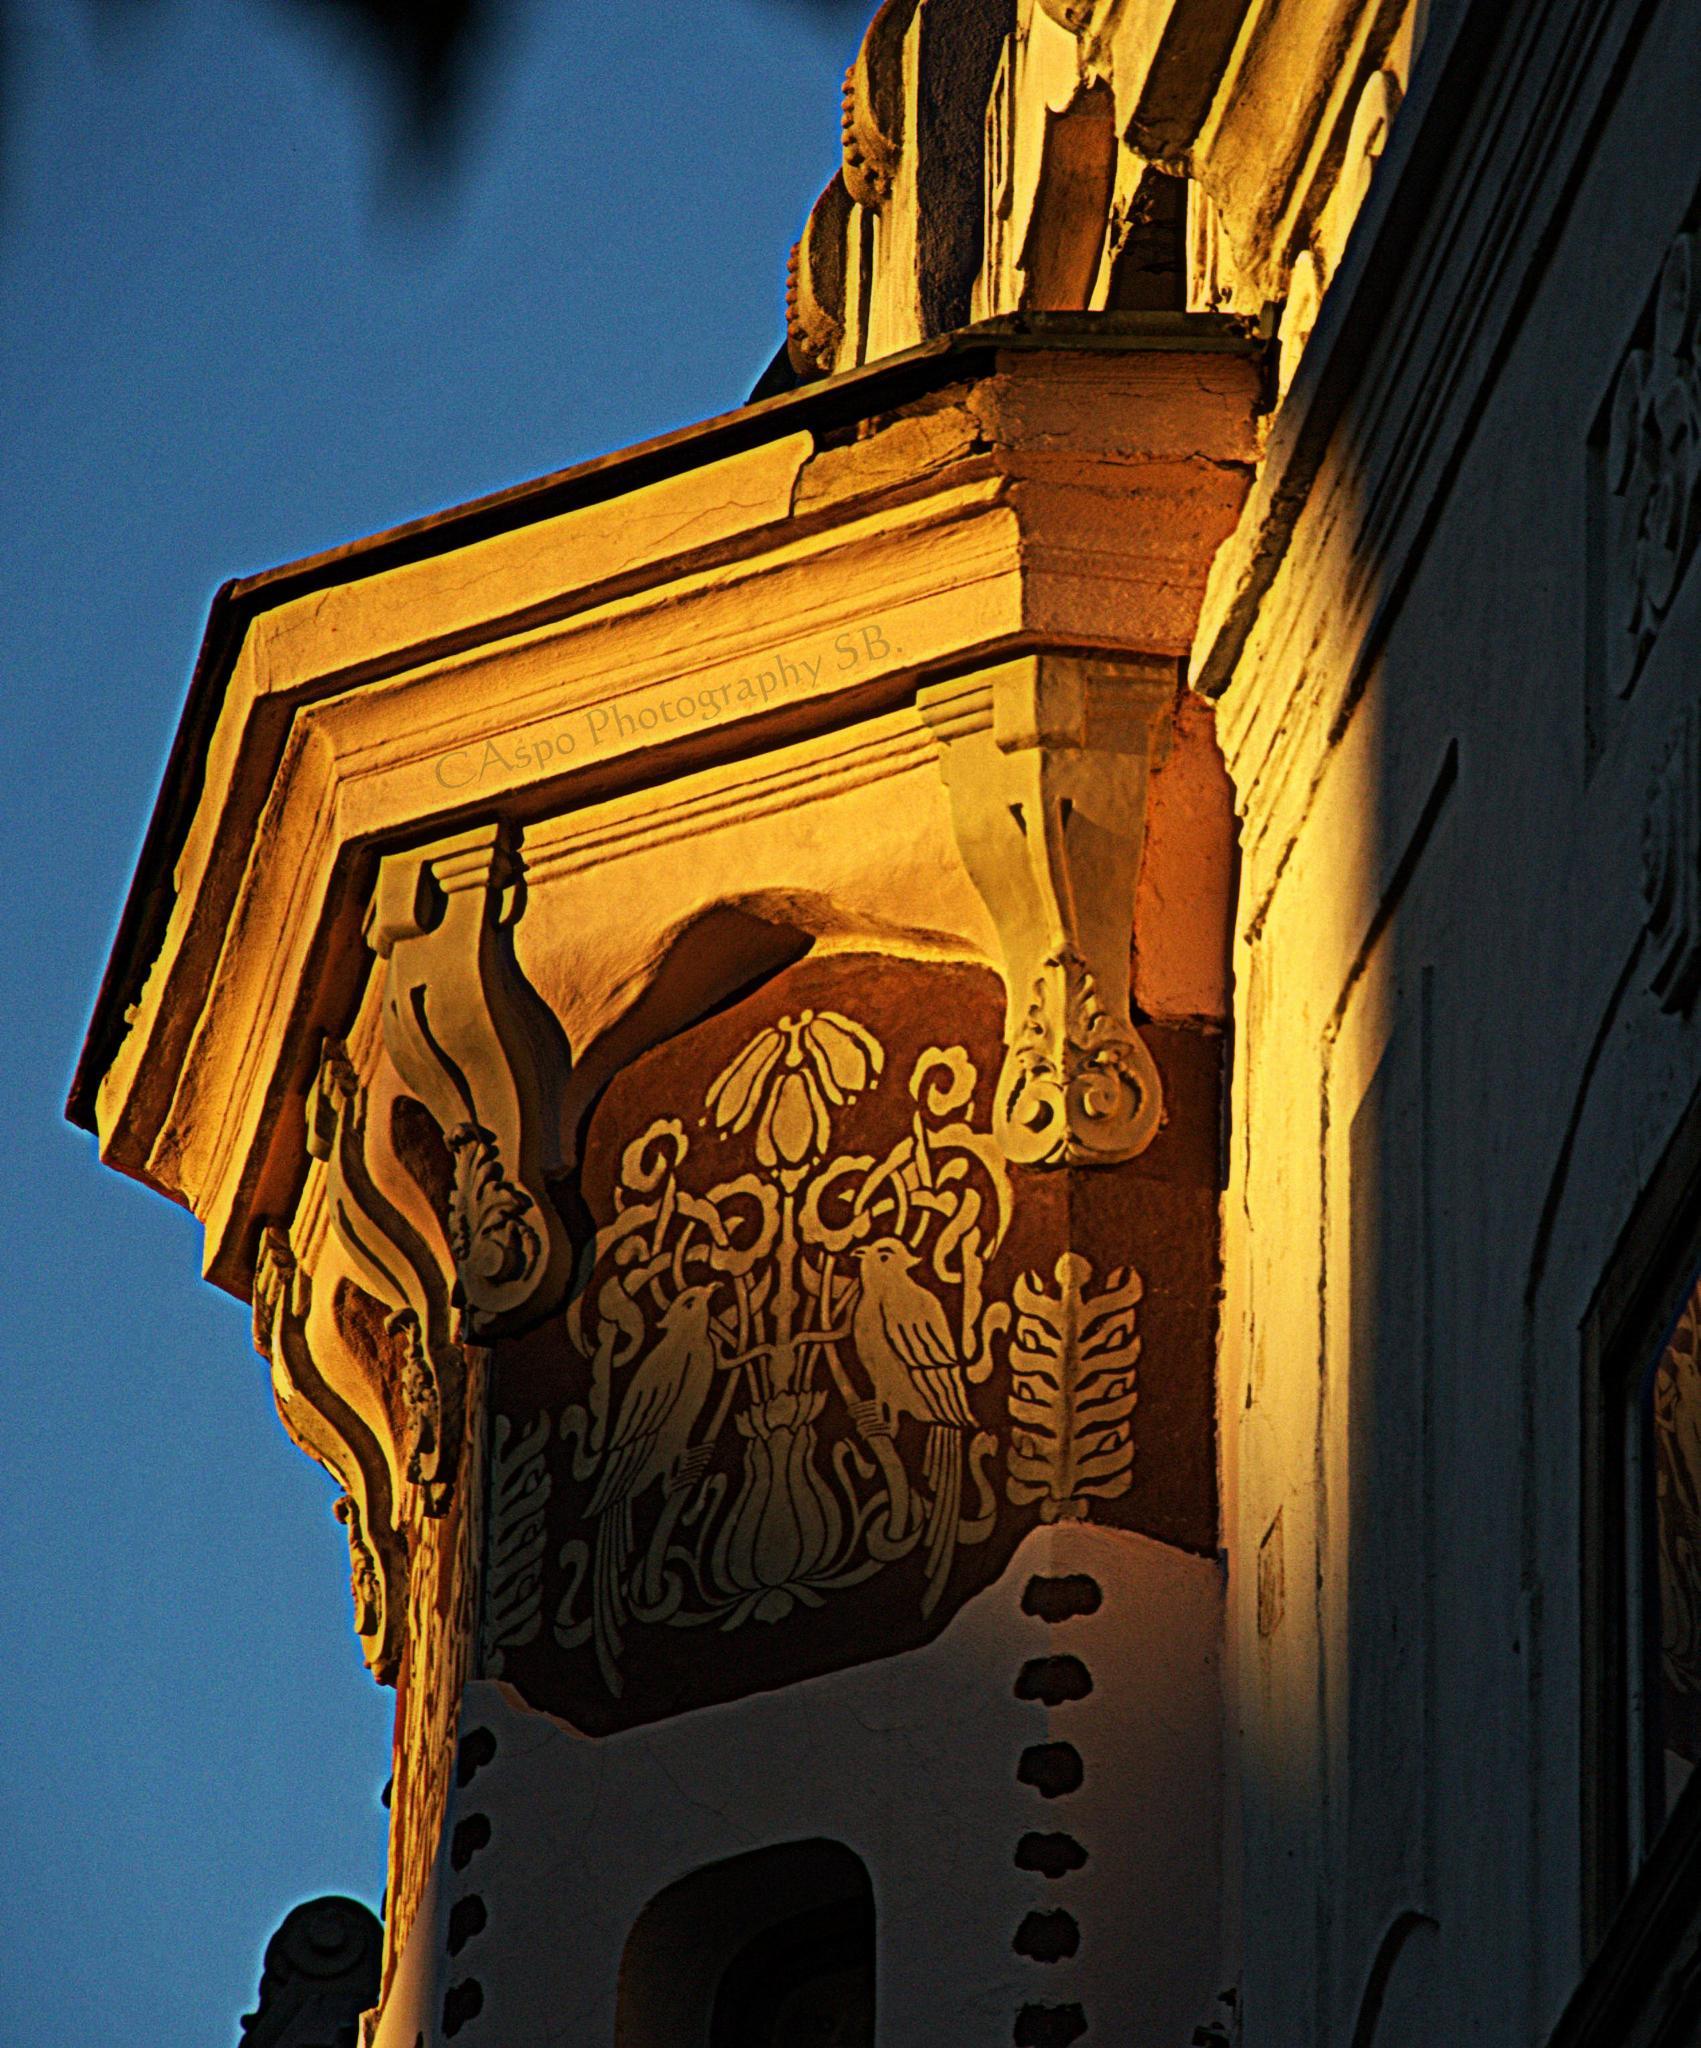 Prešovské svetlotiene. Prešov light-shadows. by rastislavk1